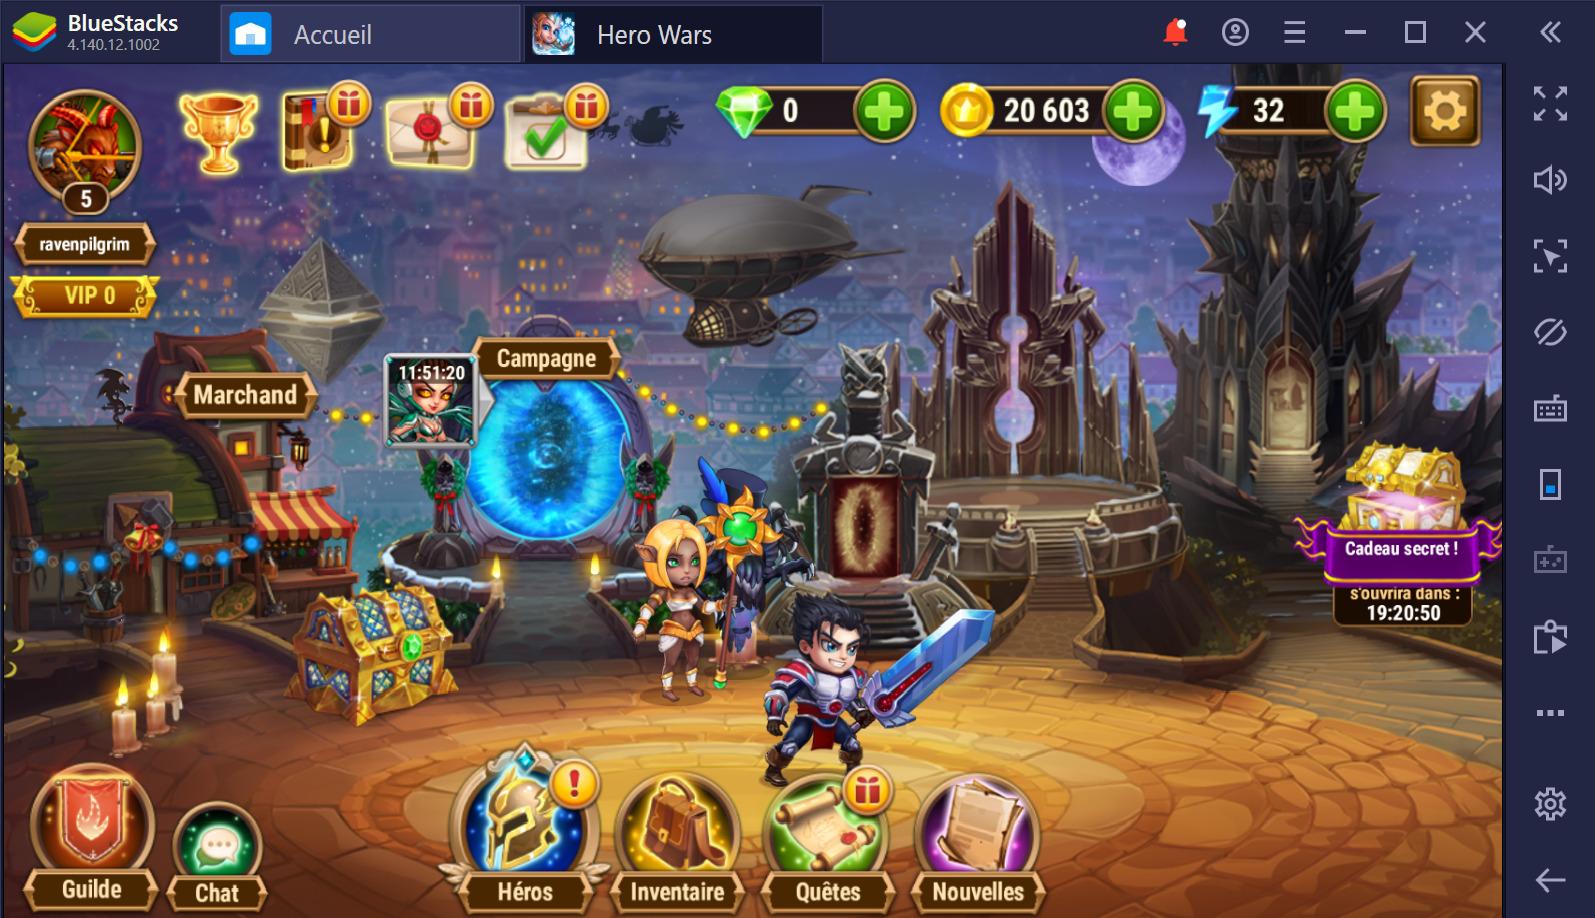 Les meilleurs trucs et astuces pour Hero Wars sur PC